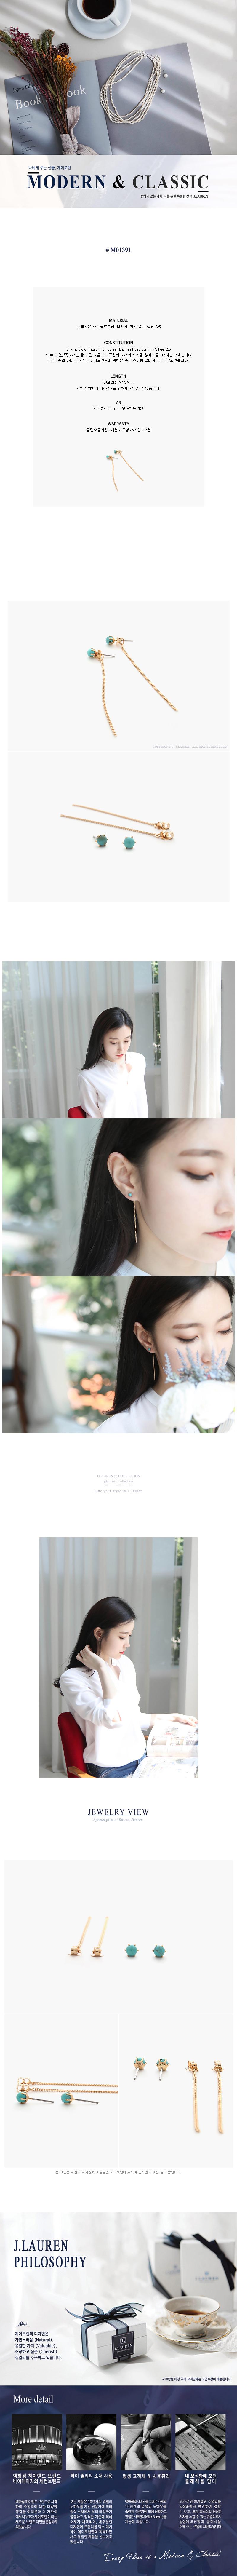 제이로렌 M01391 골드체인 터키석 투웨이 롱 귀걸이 - 바이데이지, 15,000원, 진주/원석, 드롭귀걸이